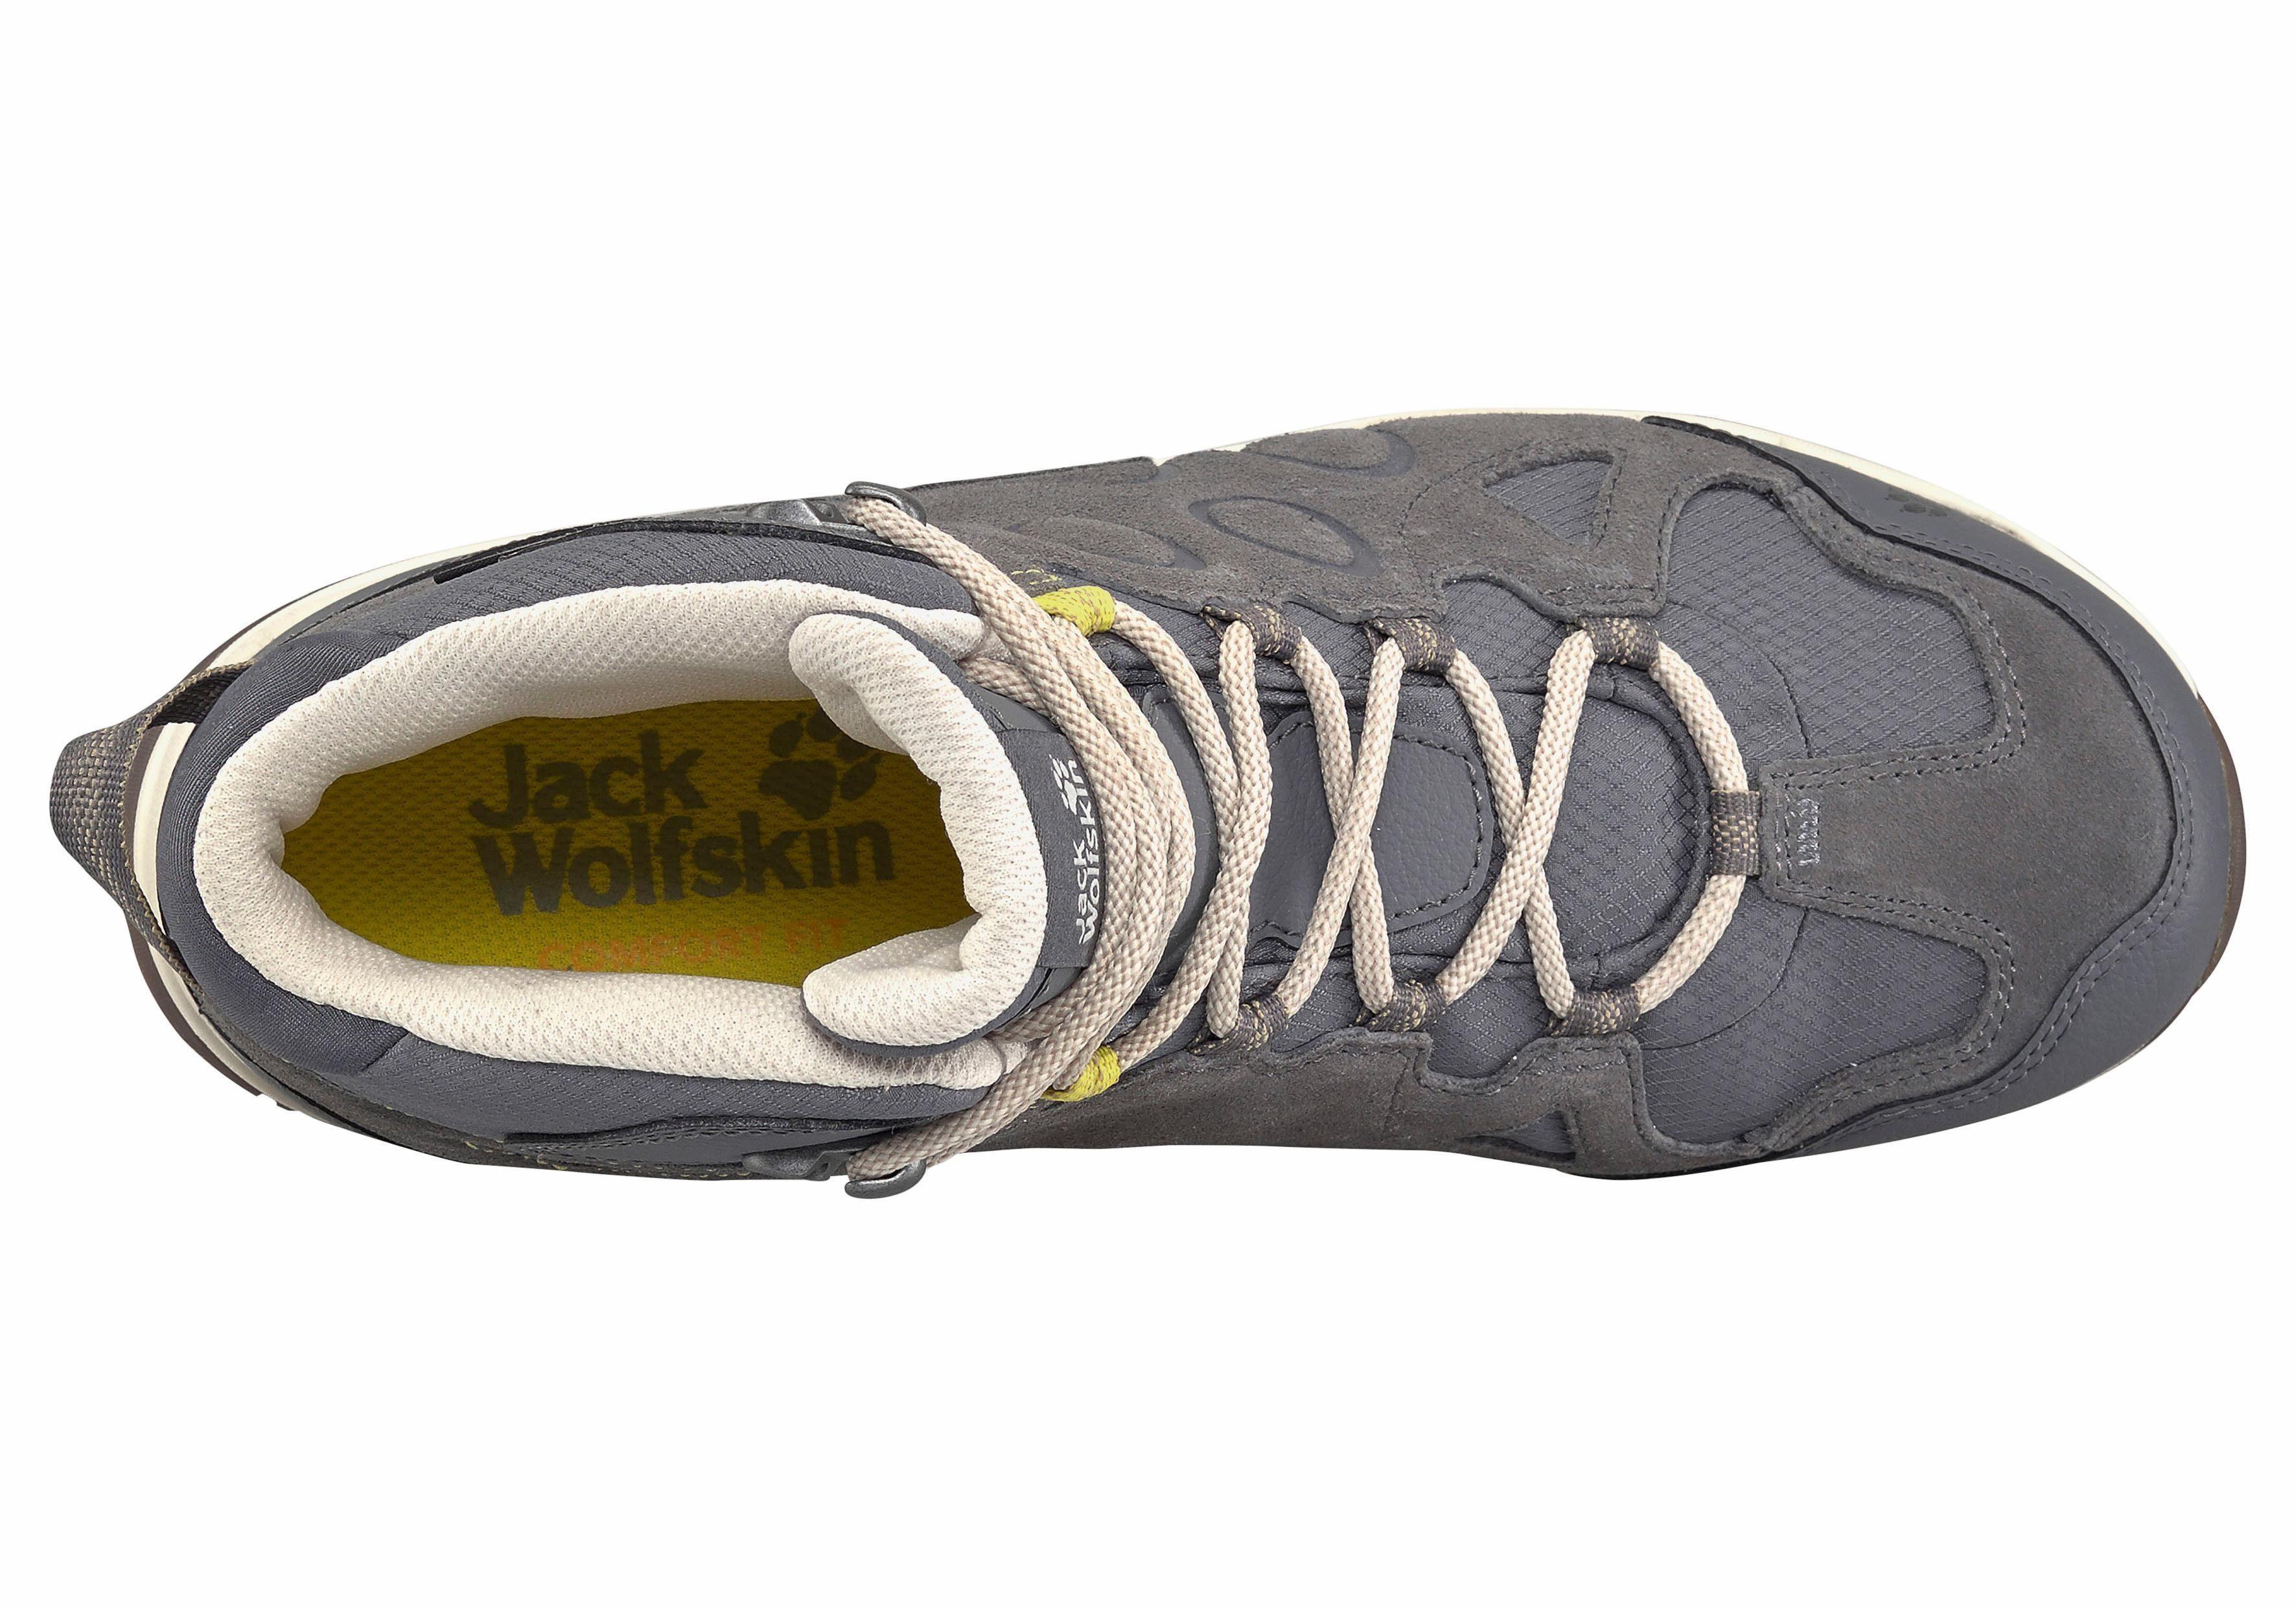 Jack Wolfskin Rocksand Texapore Mid W Outdoorschuh online kaufen  grau